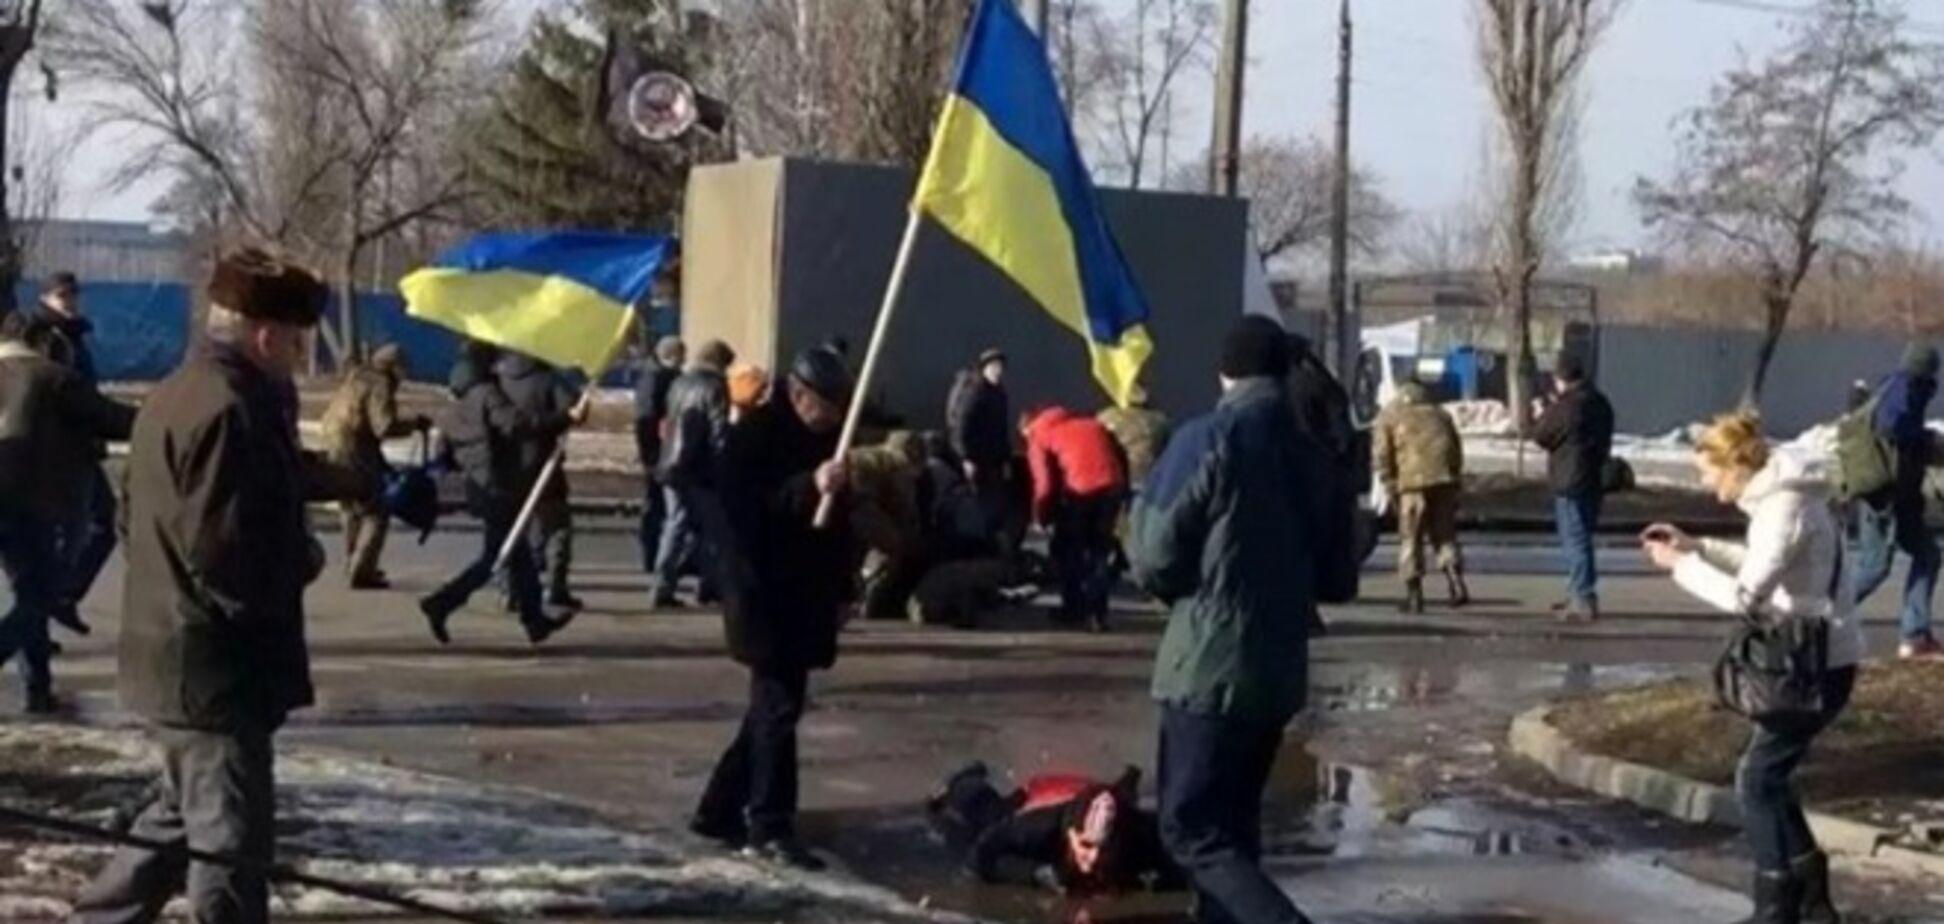 Раненые из-за взрыва в Харькове украинские бойцы о террористах: рвать их будем по полной